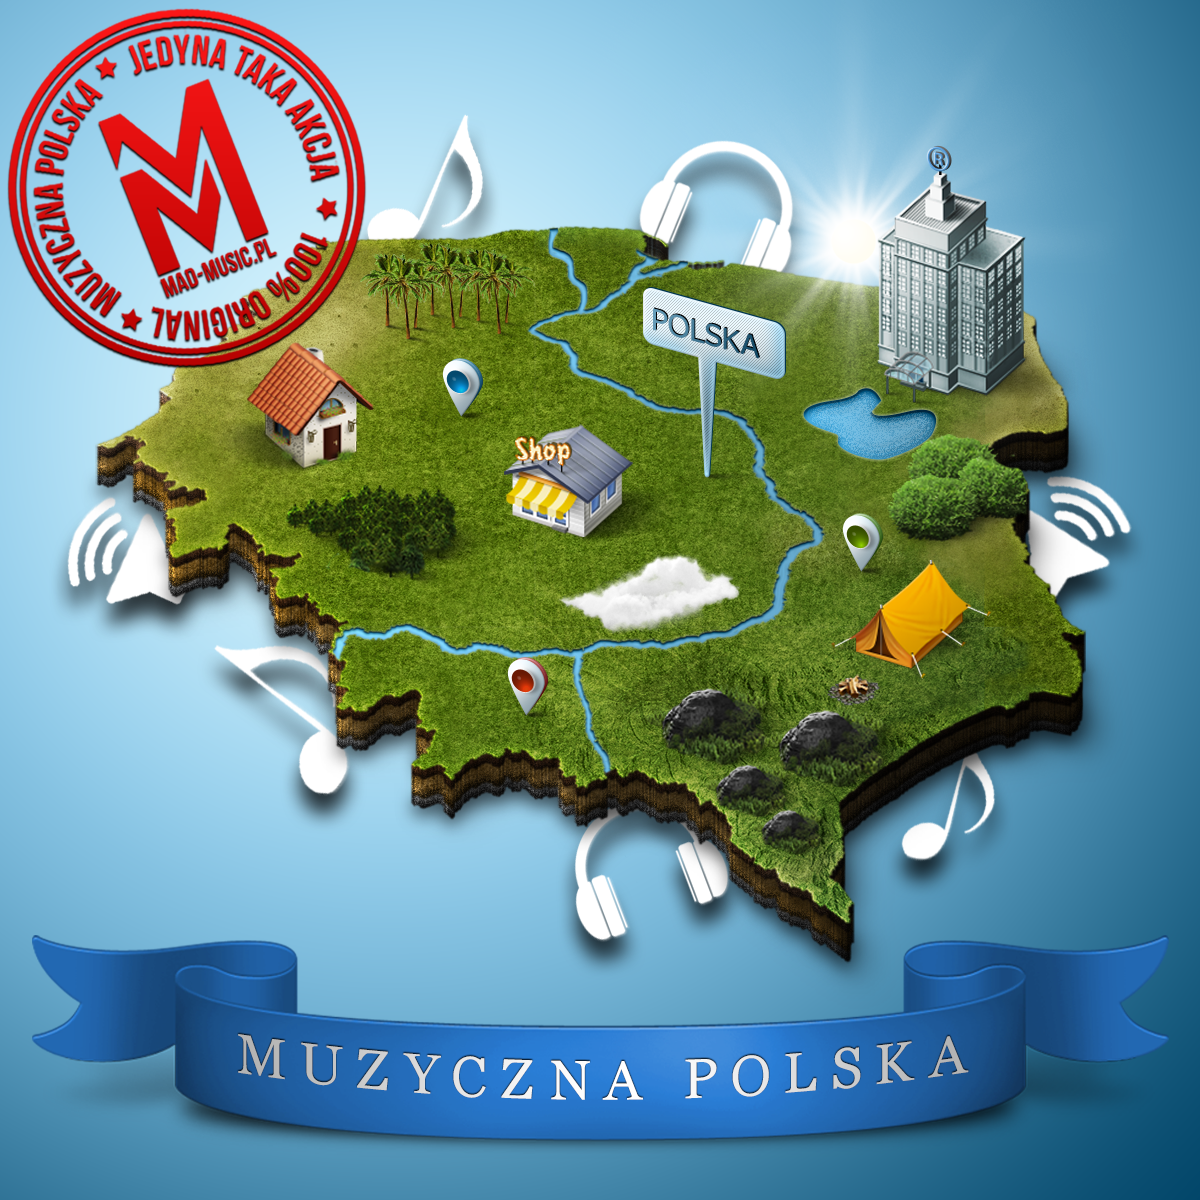 Muzyczna Polska